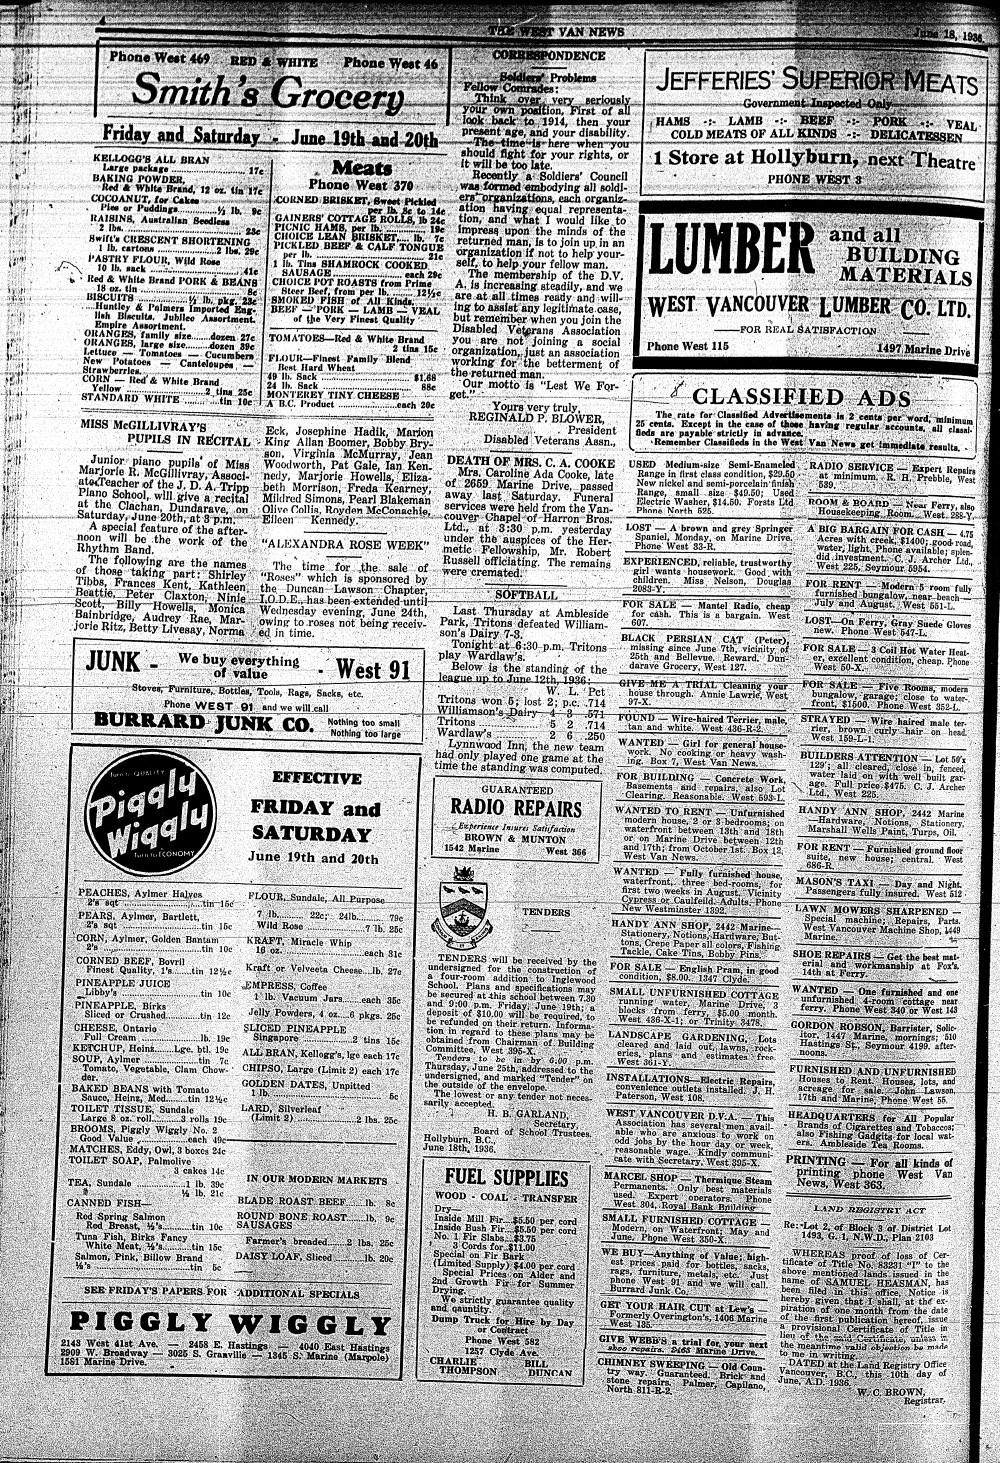 West Van. News (West Vancouver), 18 Jun 1936